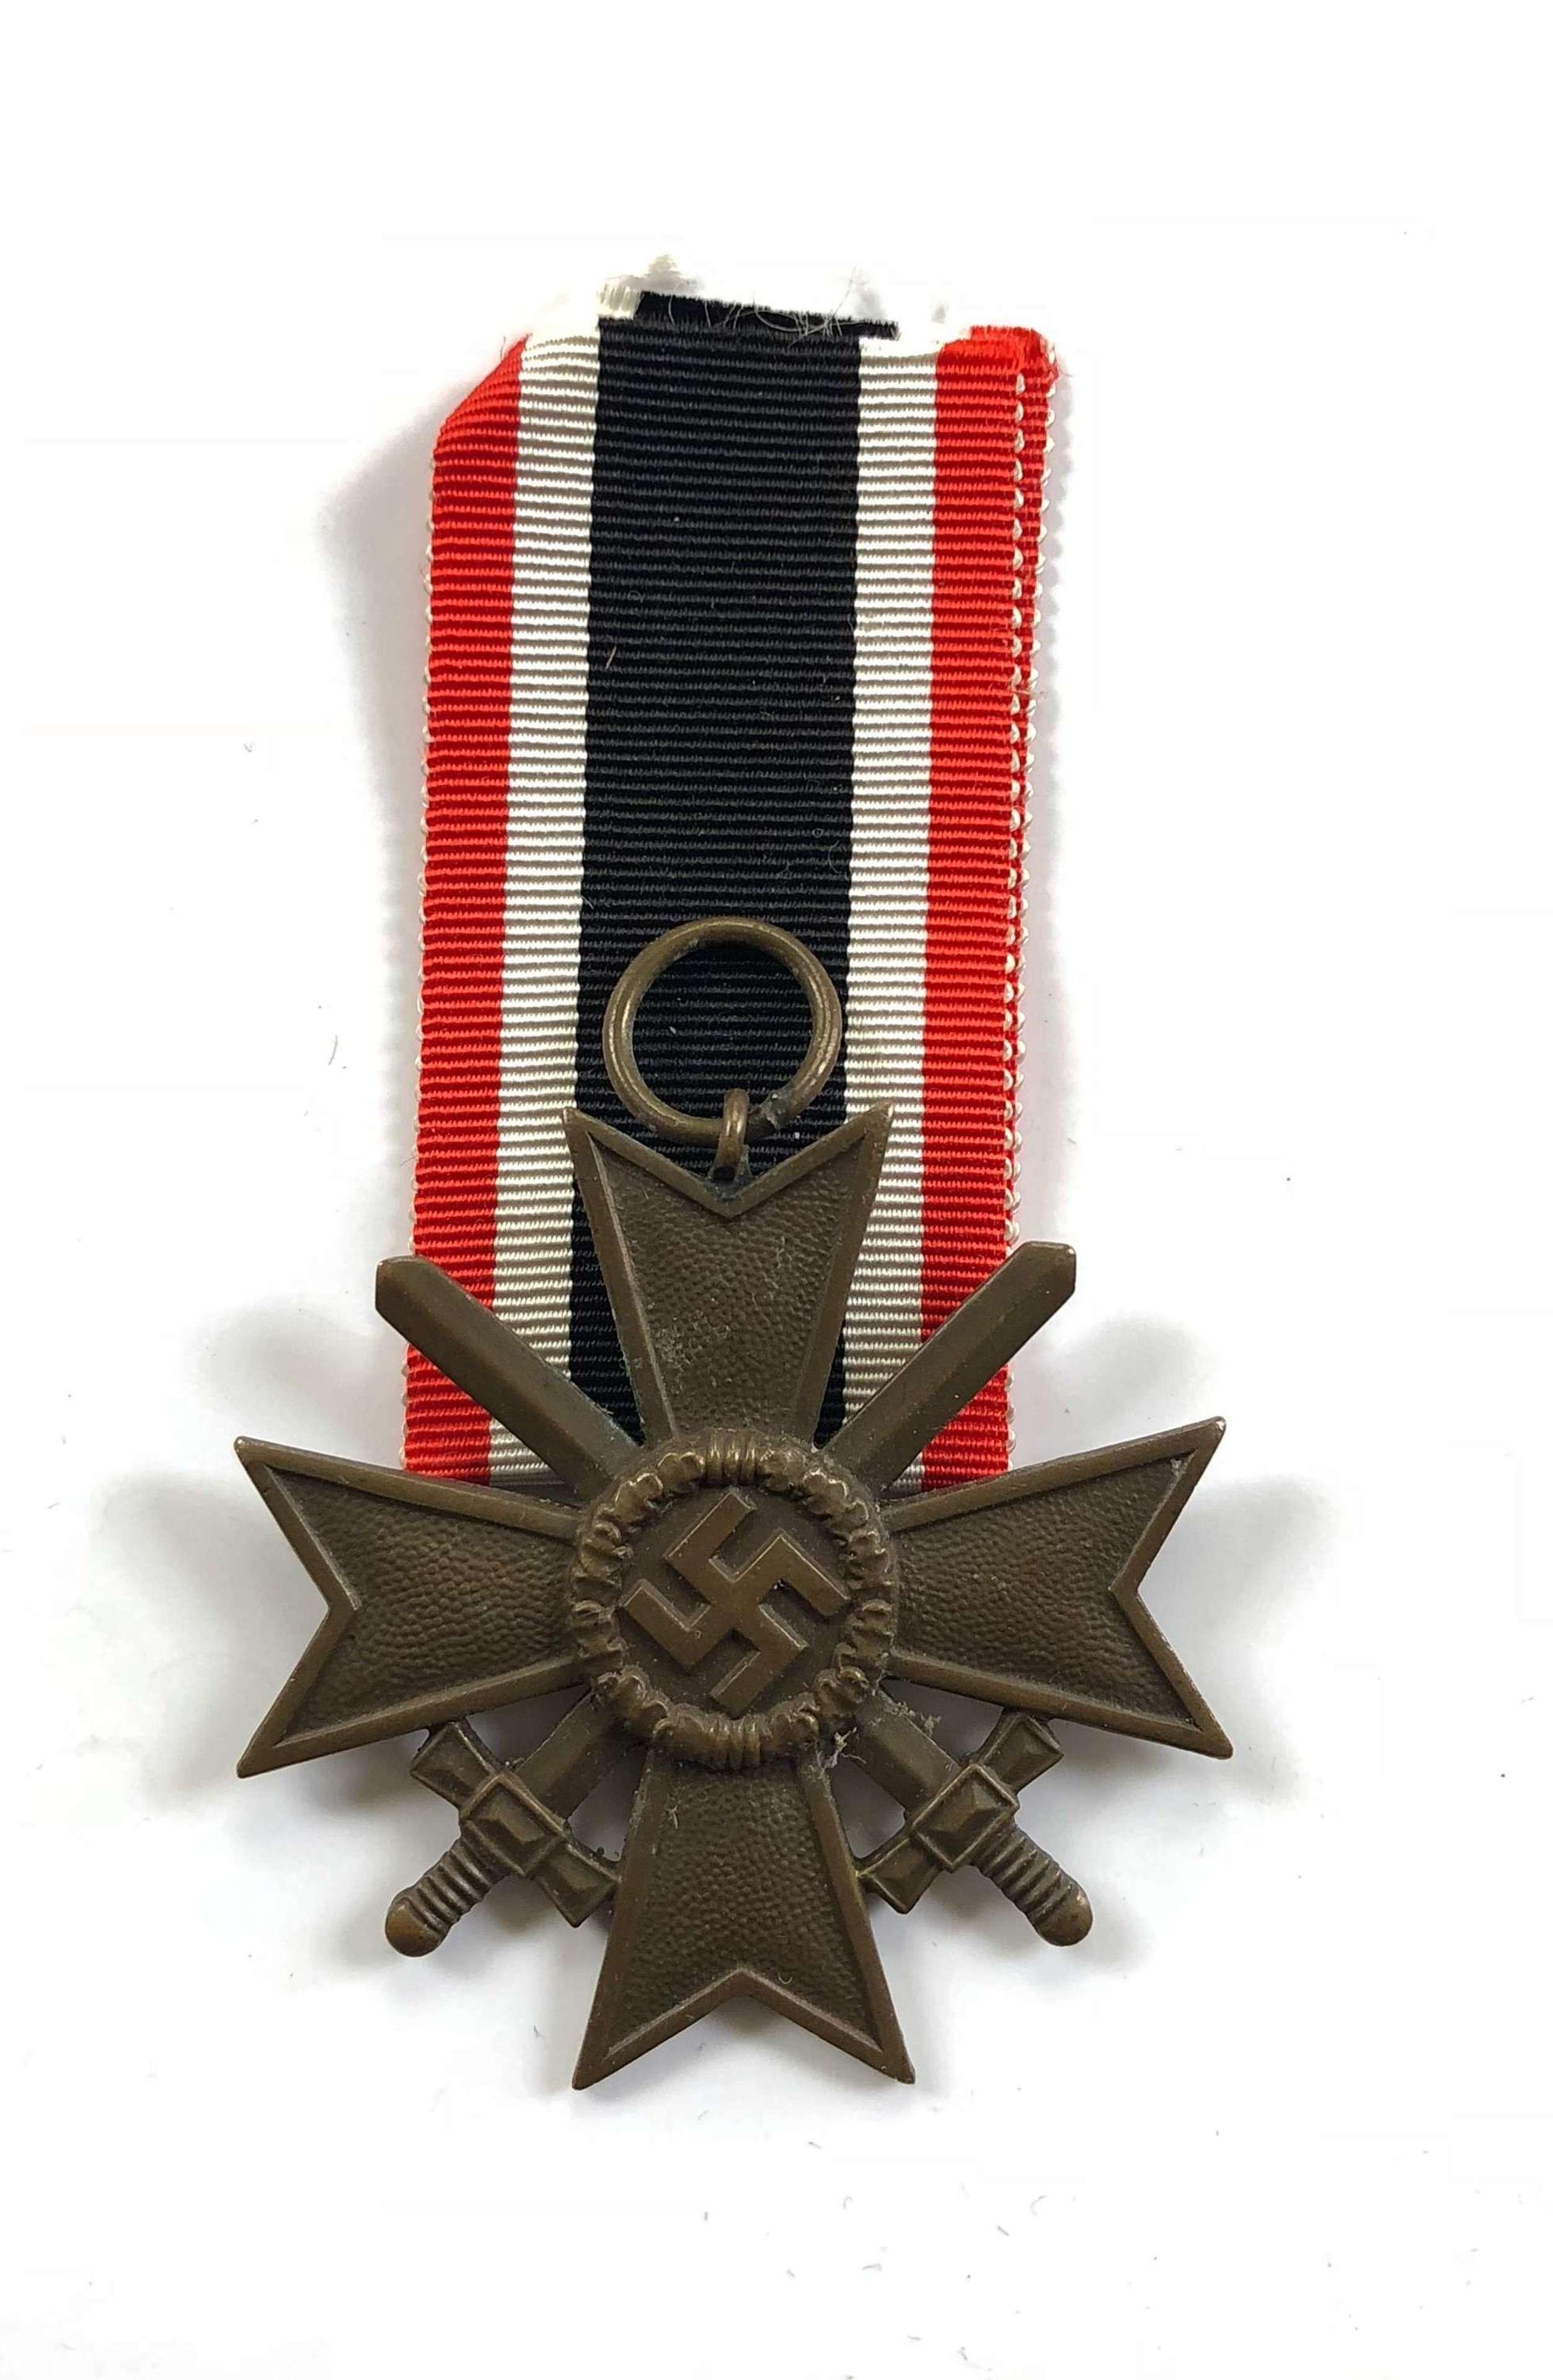 WW2 German War Merit Cross with Swords